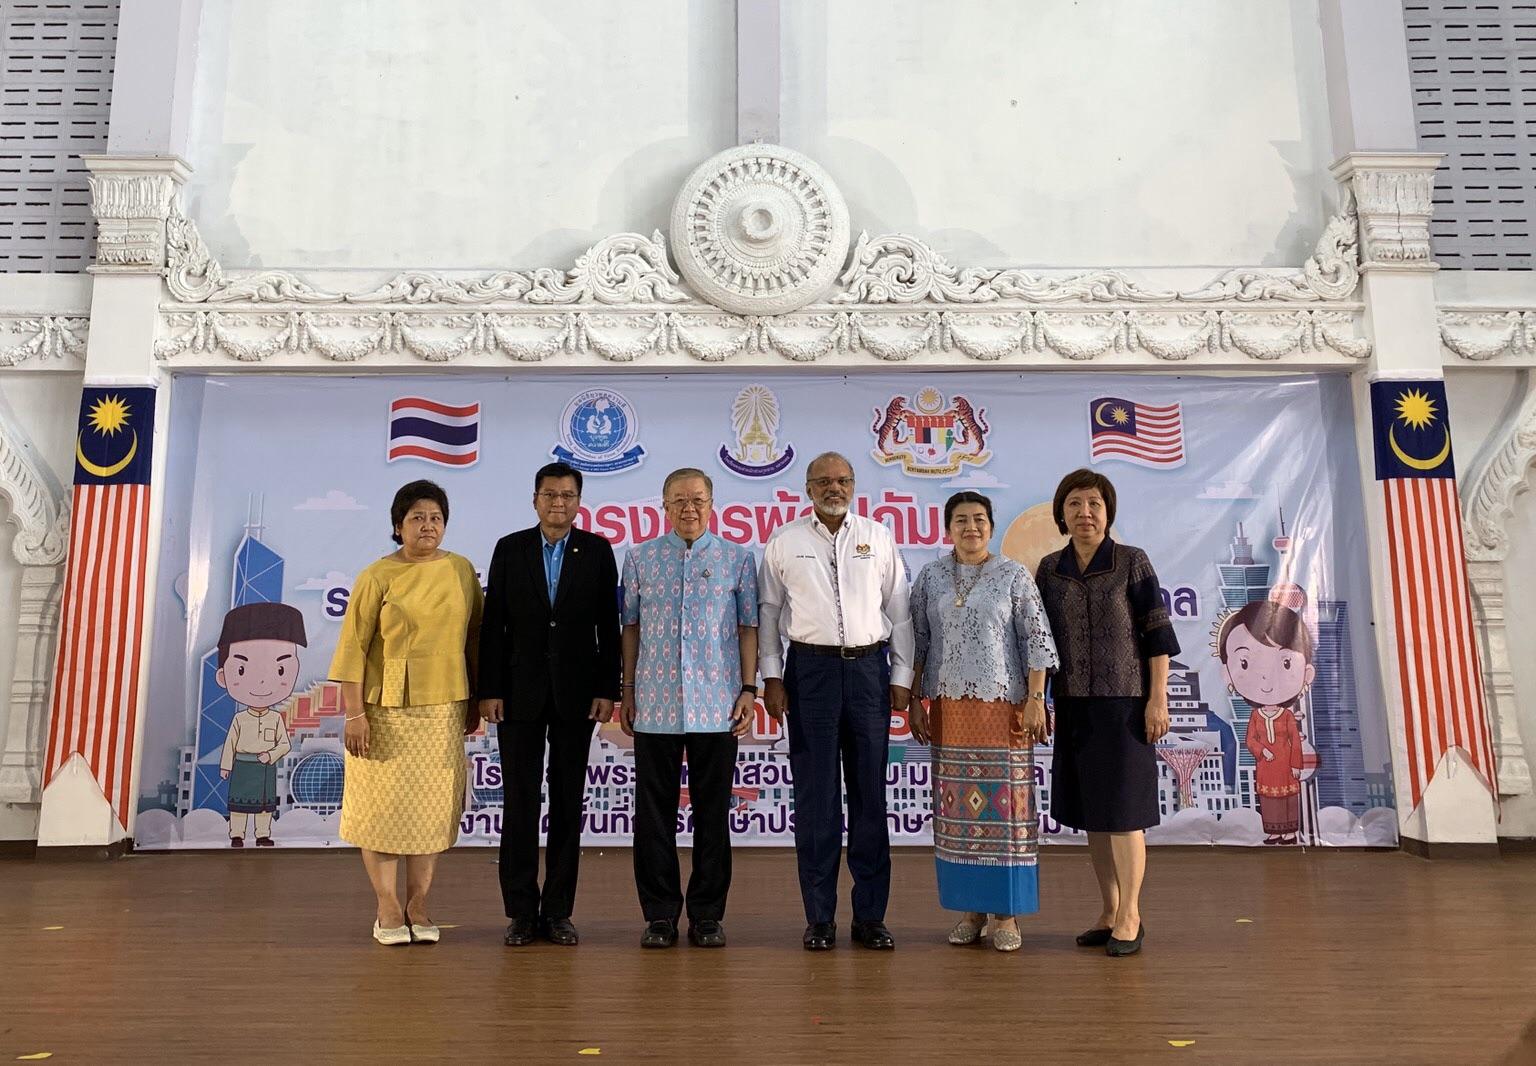 เอกอัครราชทูตประจำประเทศไทย เปิดงานโครงการผู้อุปถัมภ์โรงเรียนพระตำหนักสวนกุหลาบมหามงคลมหามงคล